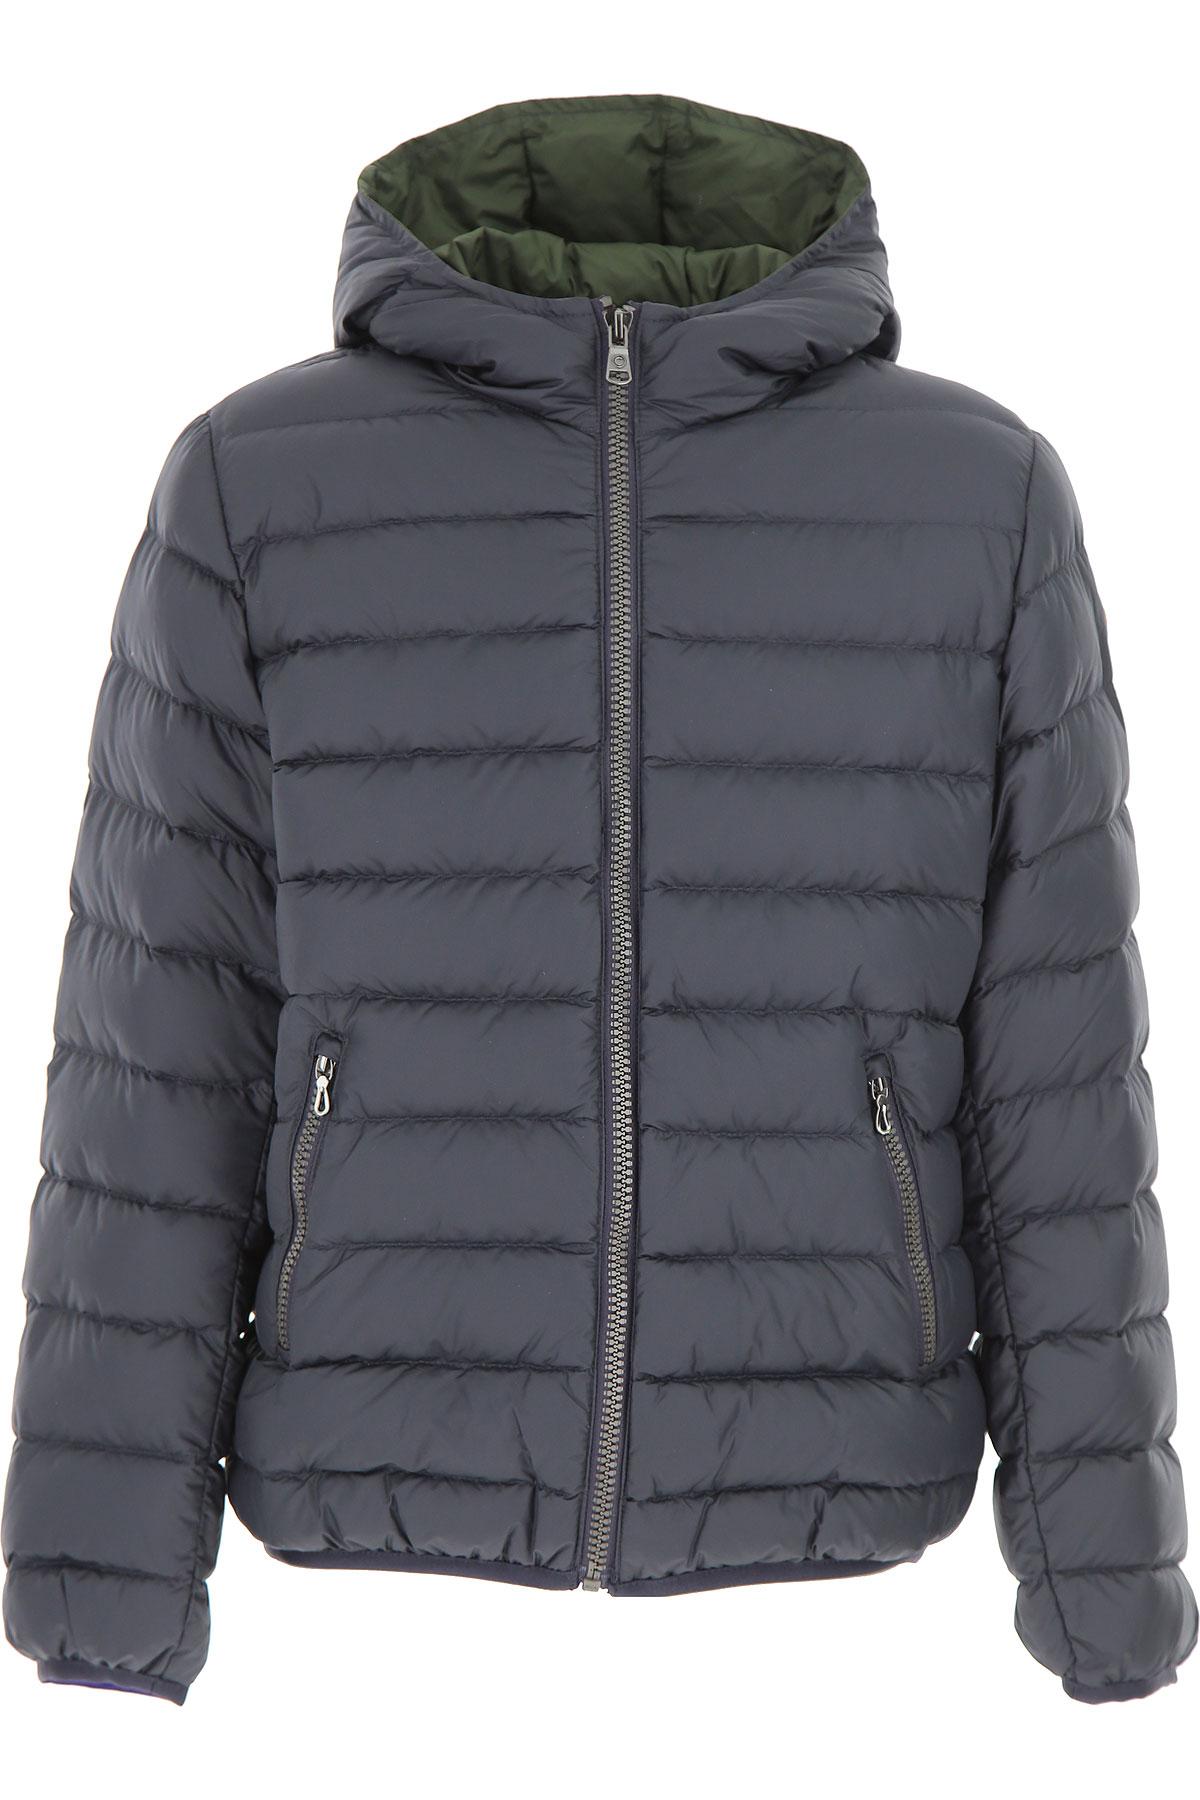 Image of Colmar Boys Down Jacket for Kids, Puffer Ski Jacket, Blue, polyester, 2017, 10Y 14Y 16Y 4Y 6Y 8Y